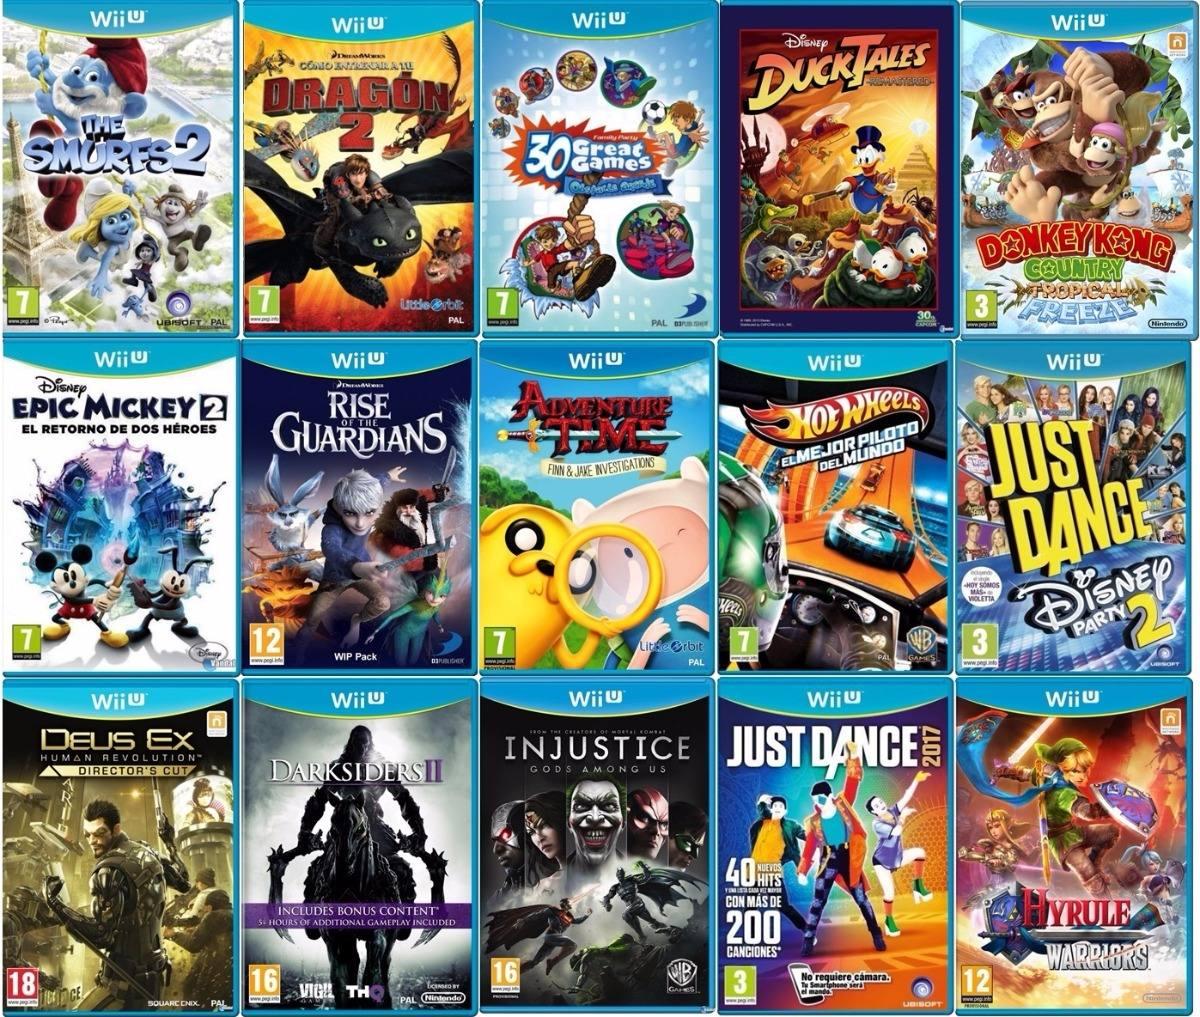 Nintendo Wii U 500gb 90 Wiiu Juegos Mejor Que Switch ...  Nintendo Wii U ...